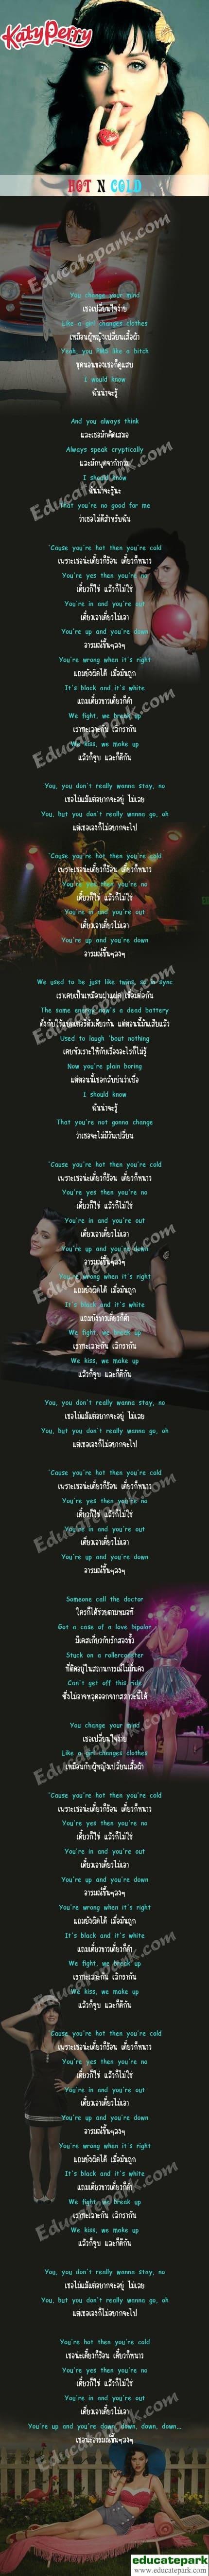 แปลเพลง Hot N Cold - Katy Perry